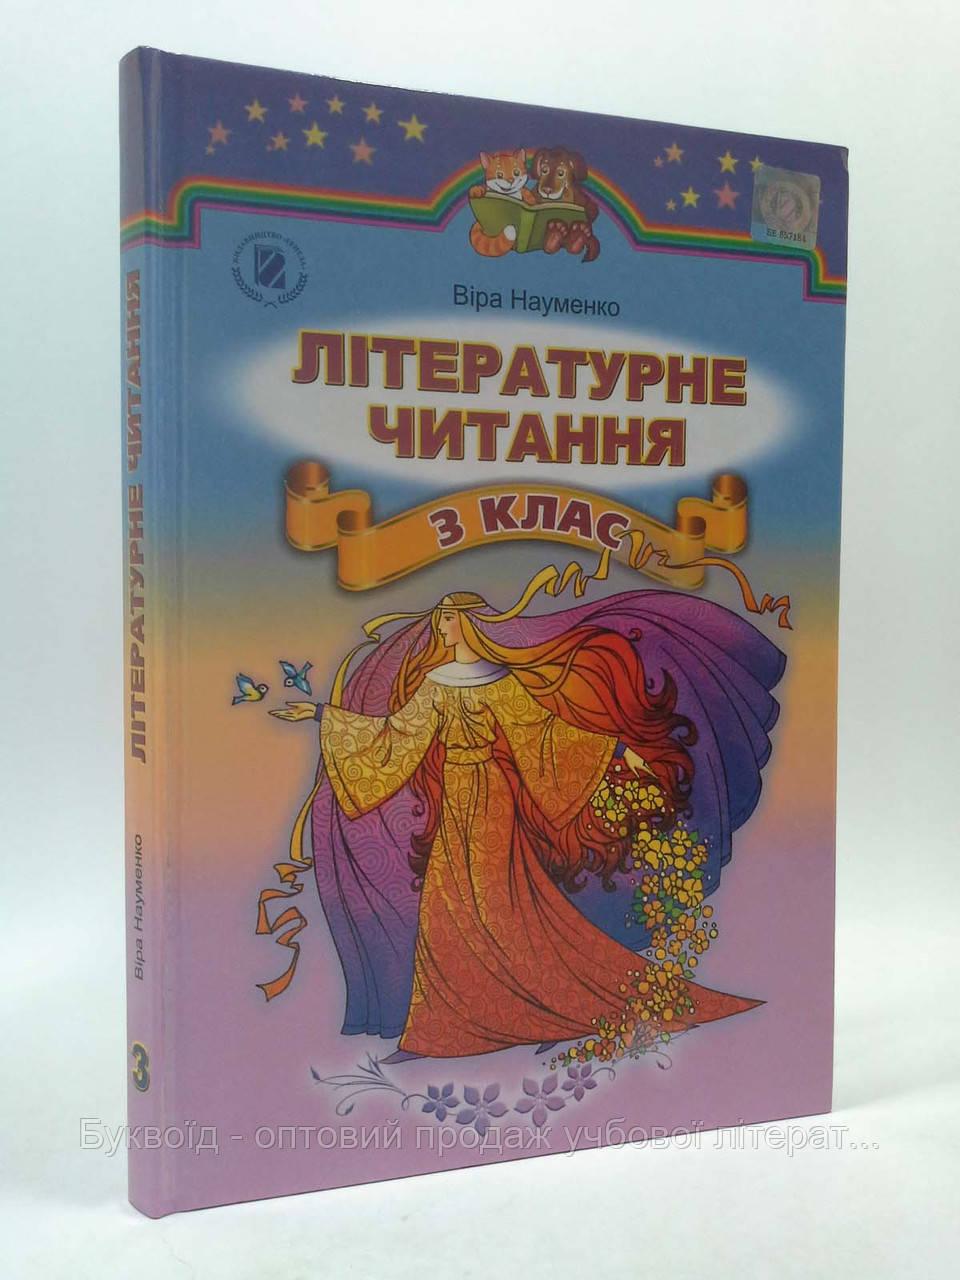 Науменко В. О. ISBN 978-966-11-0329-9 /Літературне читання, 3 кл., Підручник